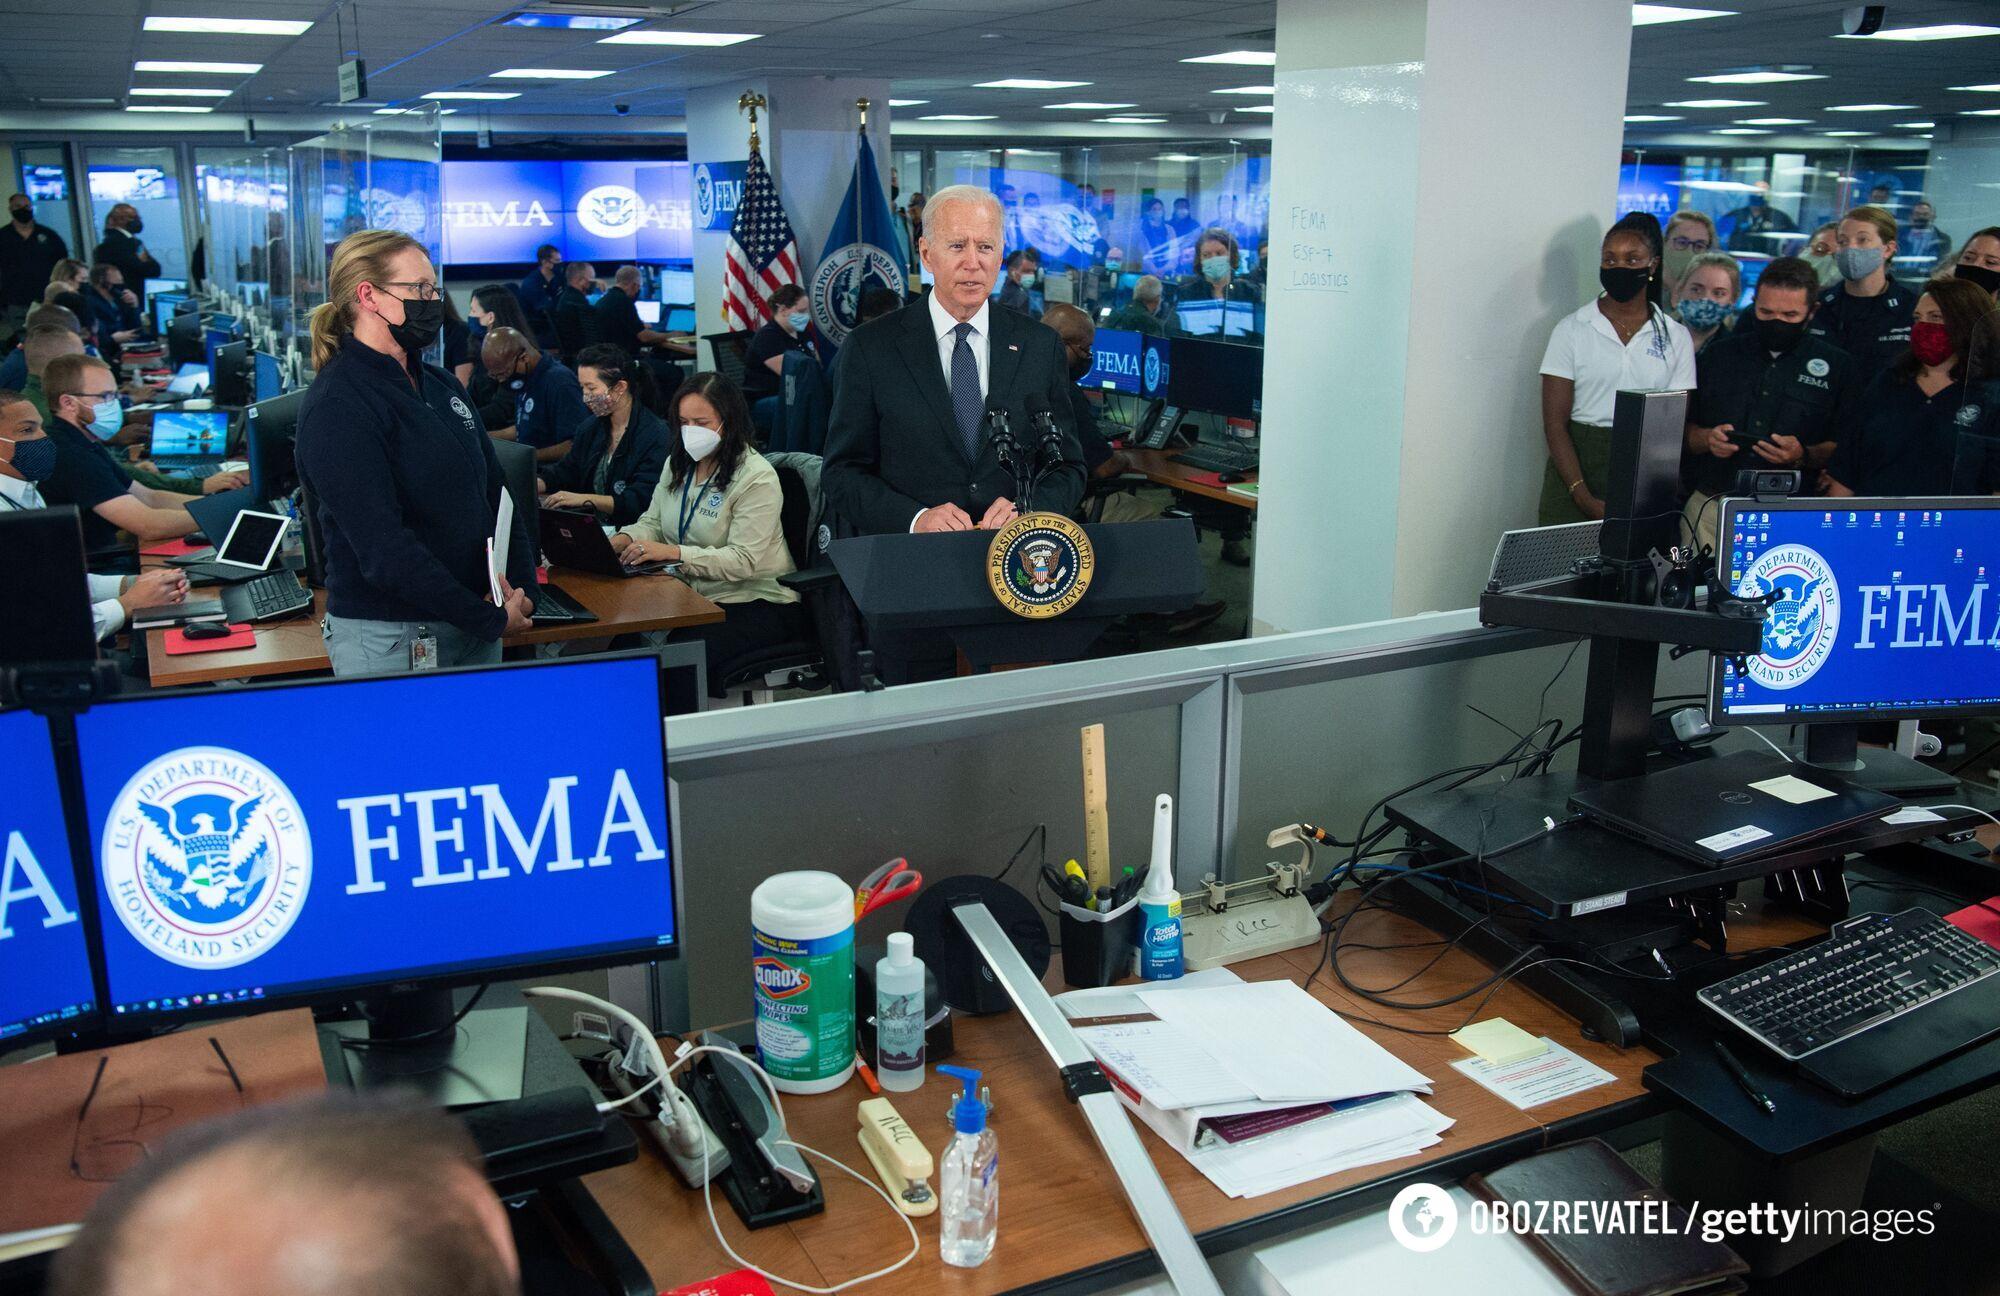 Заседание федерального агентства по управлению в чрезвычайных ситуациях